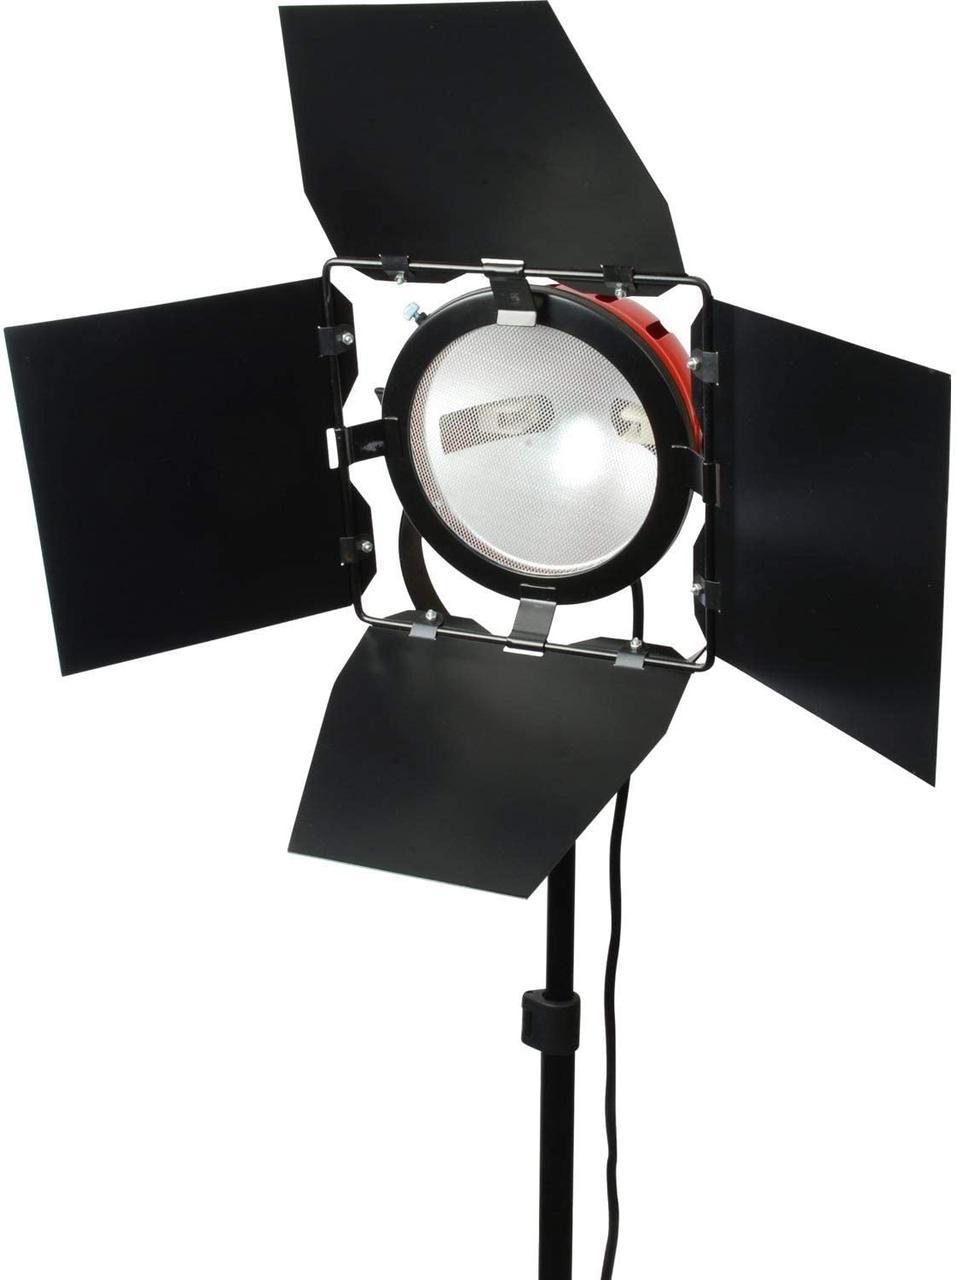 Галогенный осветитель - постоянный свет FST 800 (800 Вт) (RED HEAD) с димером и охлаждением (3200K)